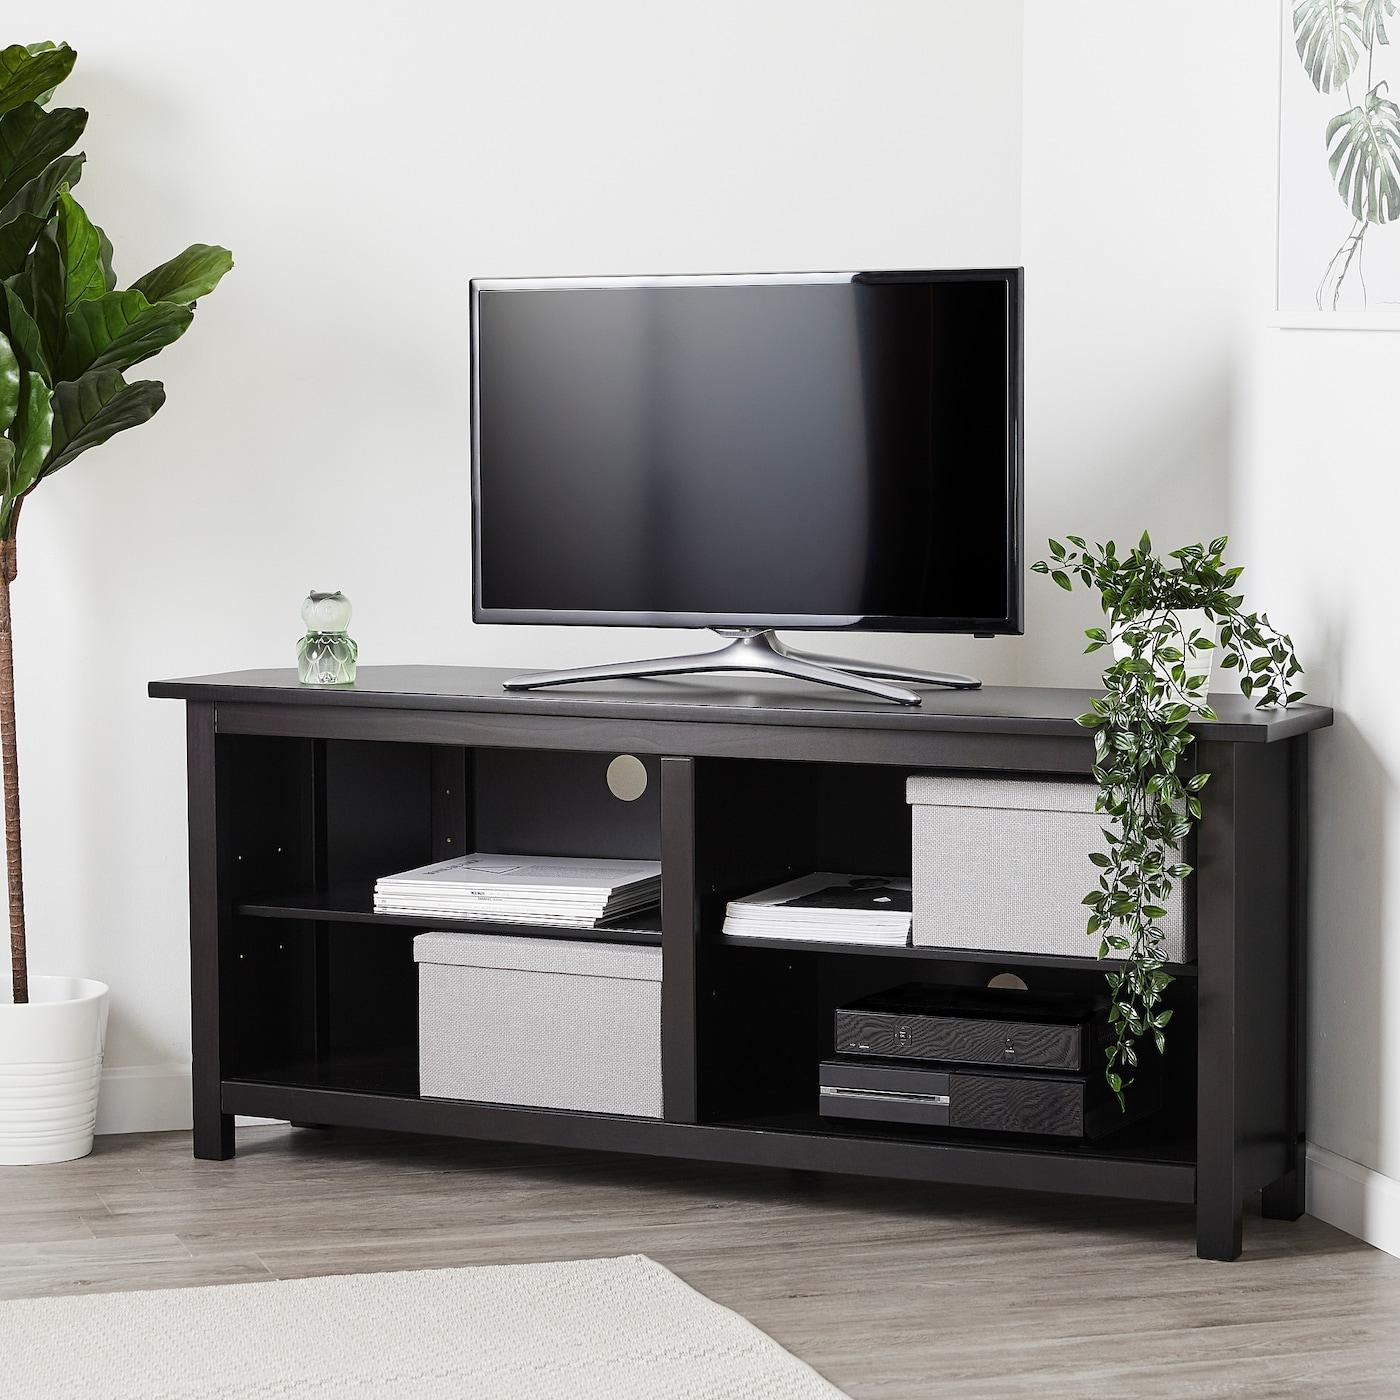 Tv Stand in 3 colors Ikea HEMNES TV bench